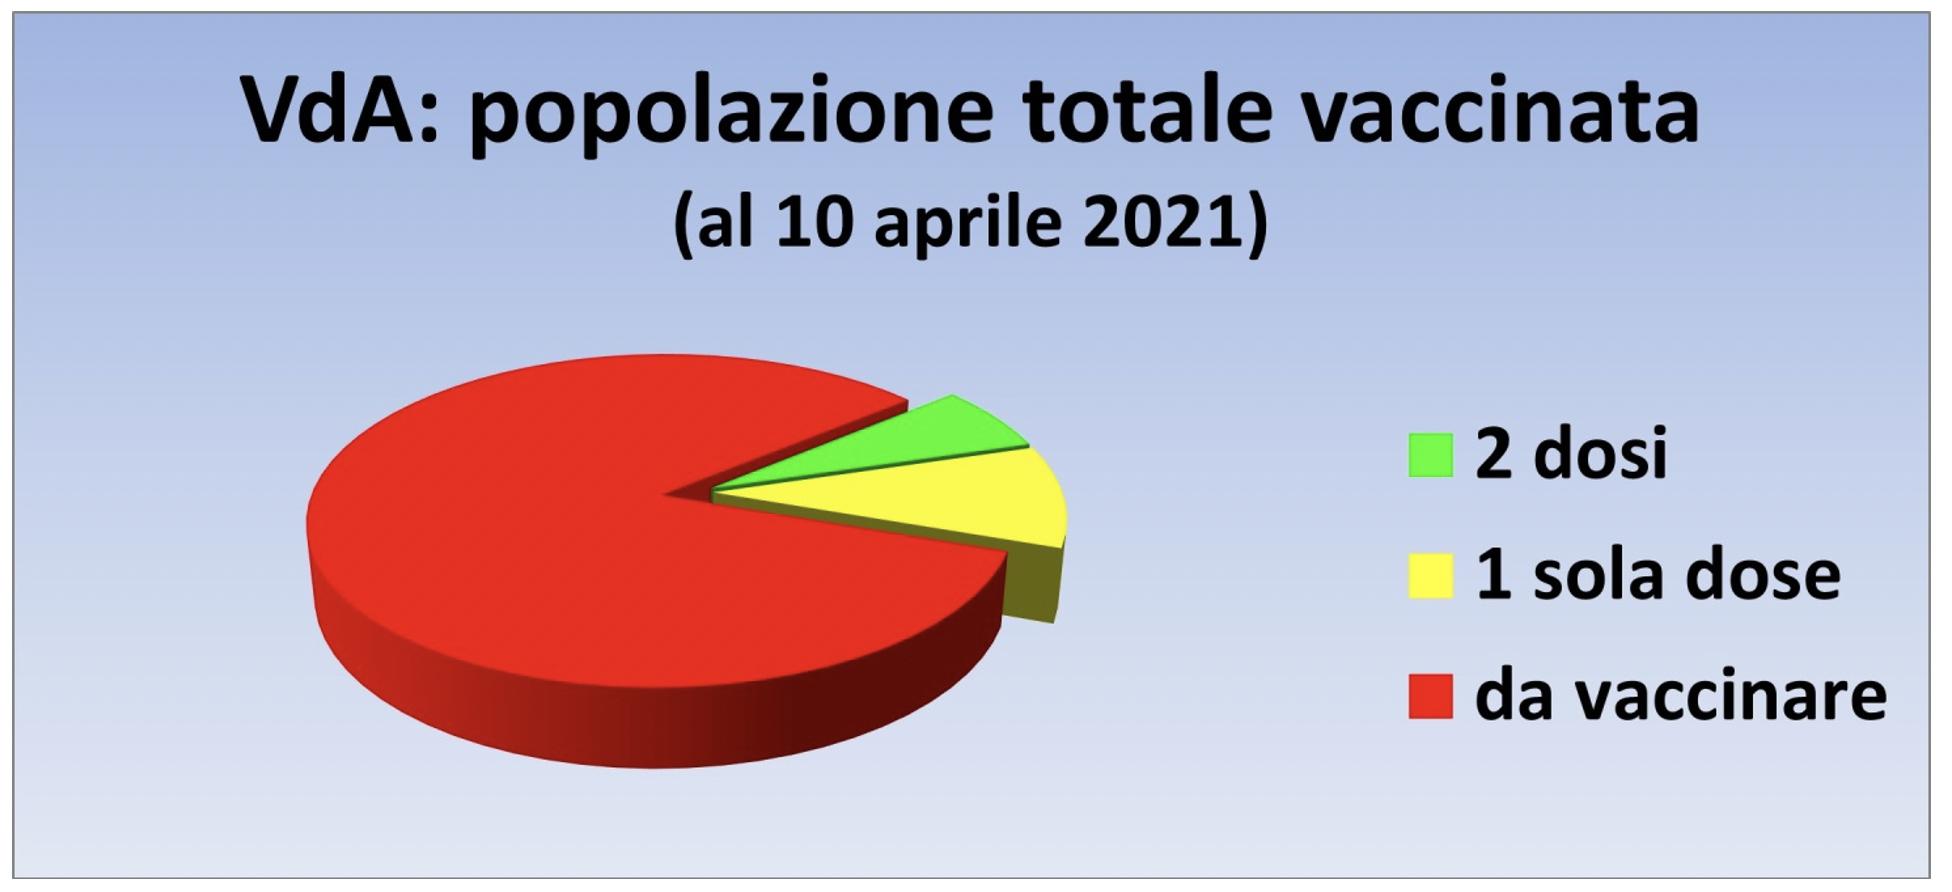 vaccinazioni Vda